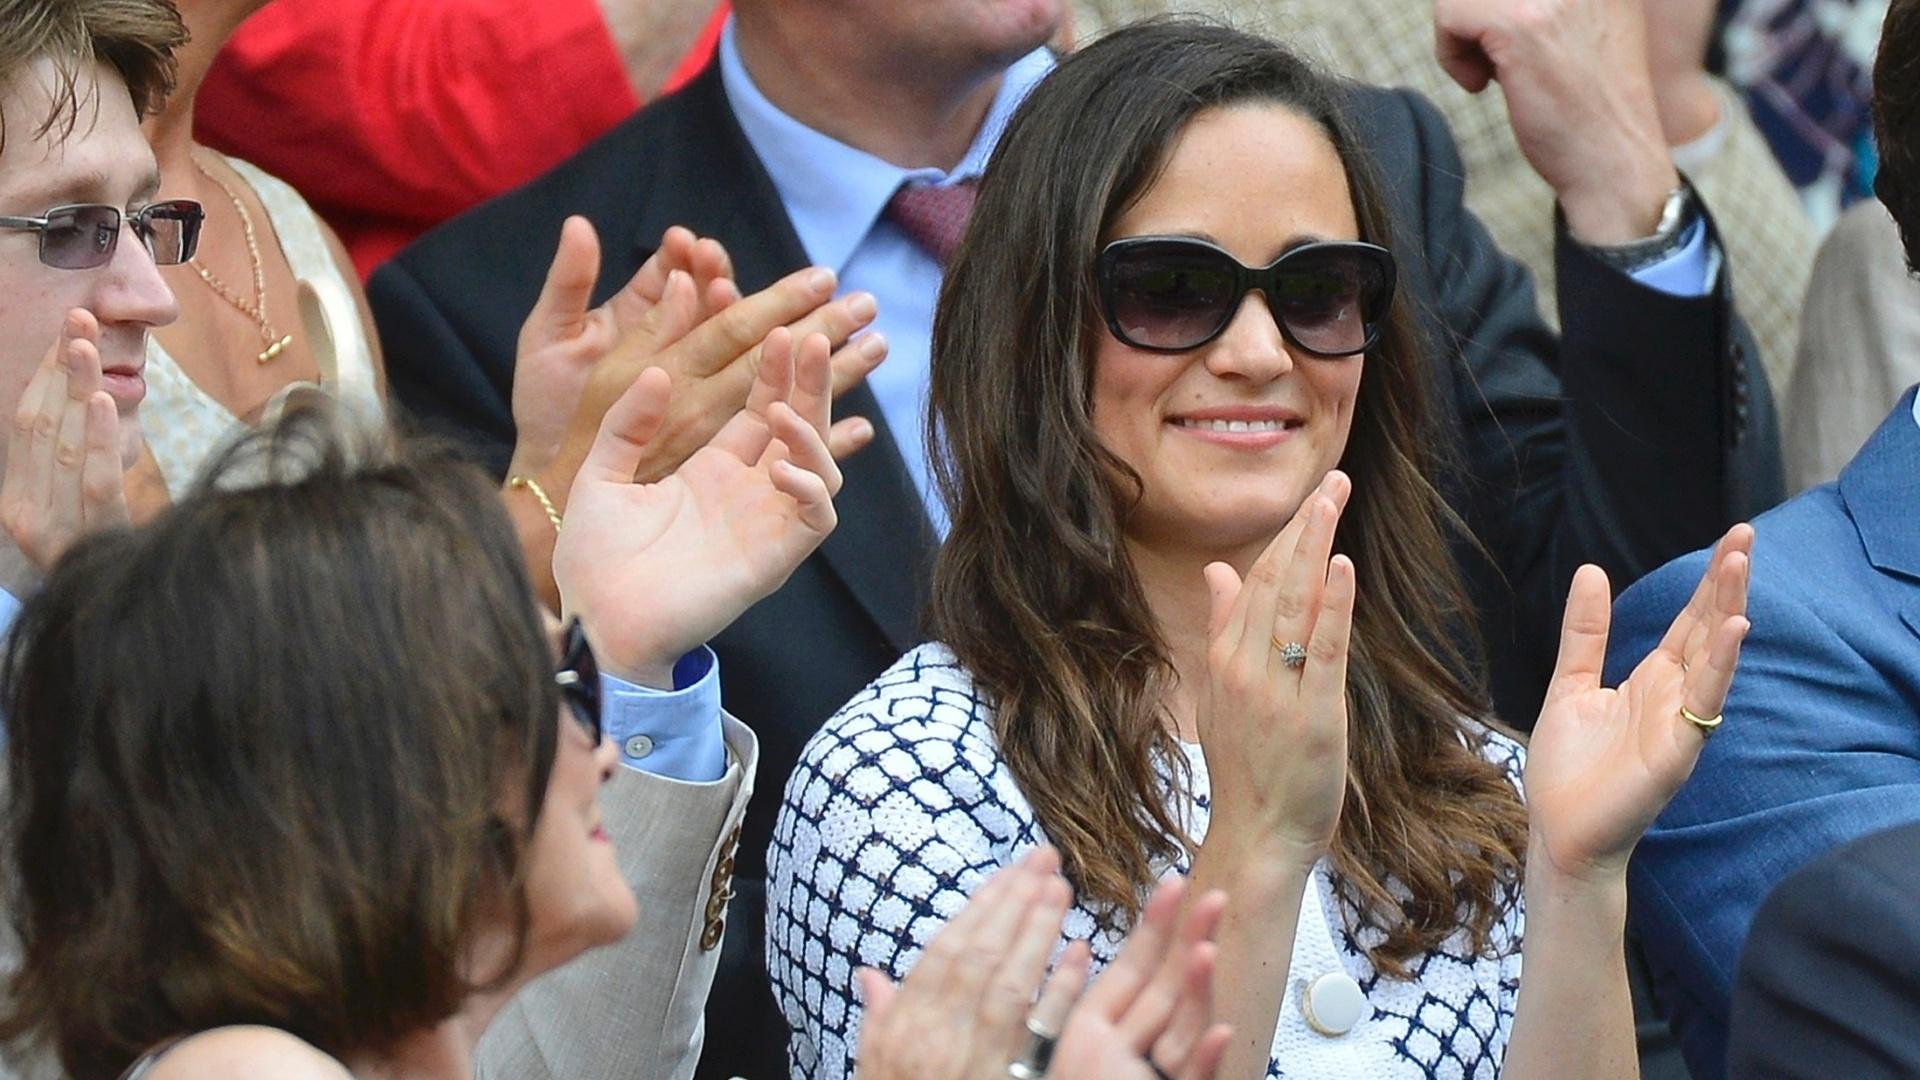 Pippa Middleton, irmã de Catherine, duquesa de Cambridge, prestigia os jogos na quadra central de Wimbledon nesta quinta-feira